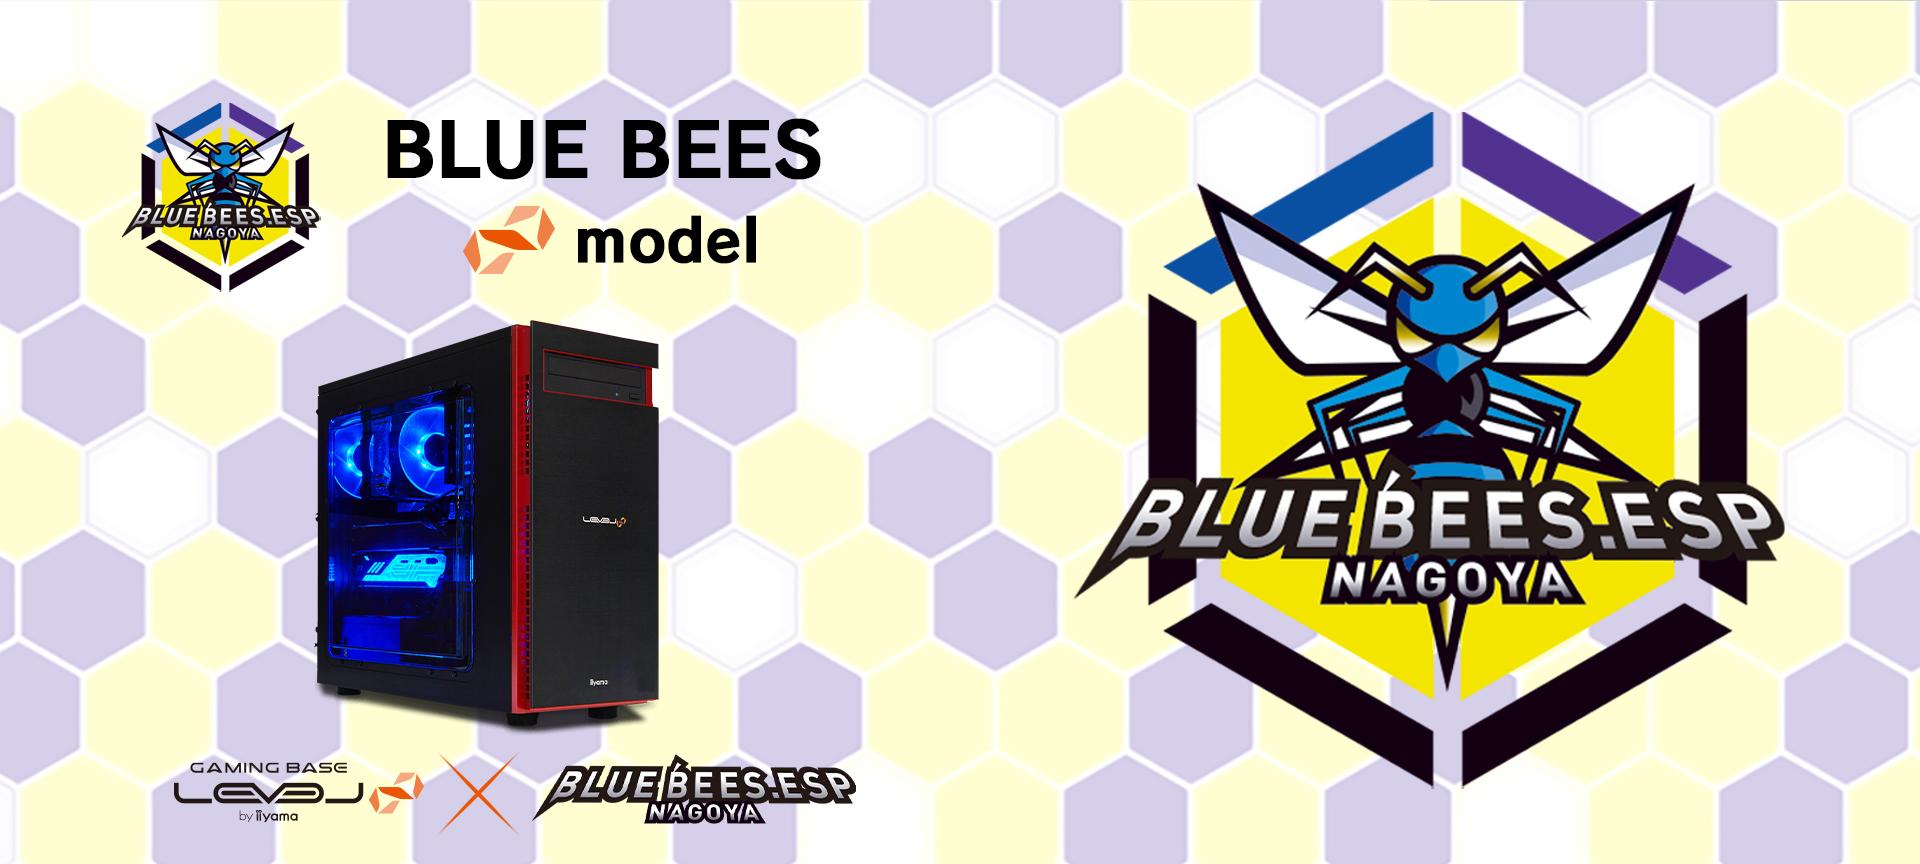 BLUE BEES コラボゲーミングPC